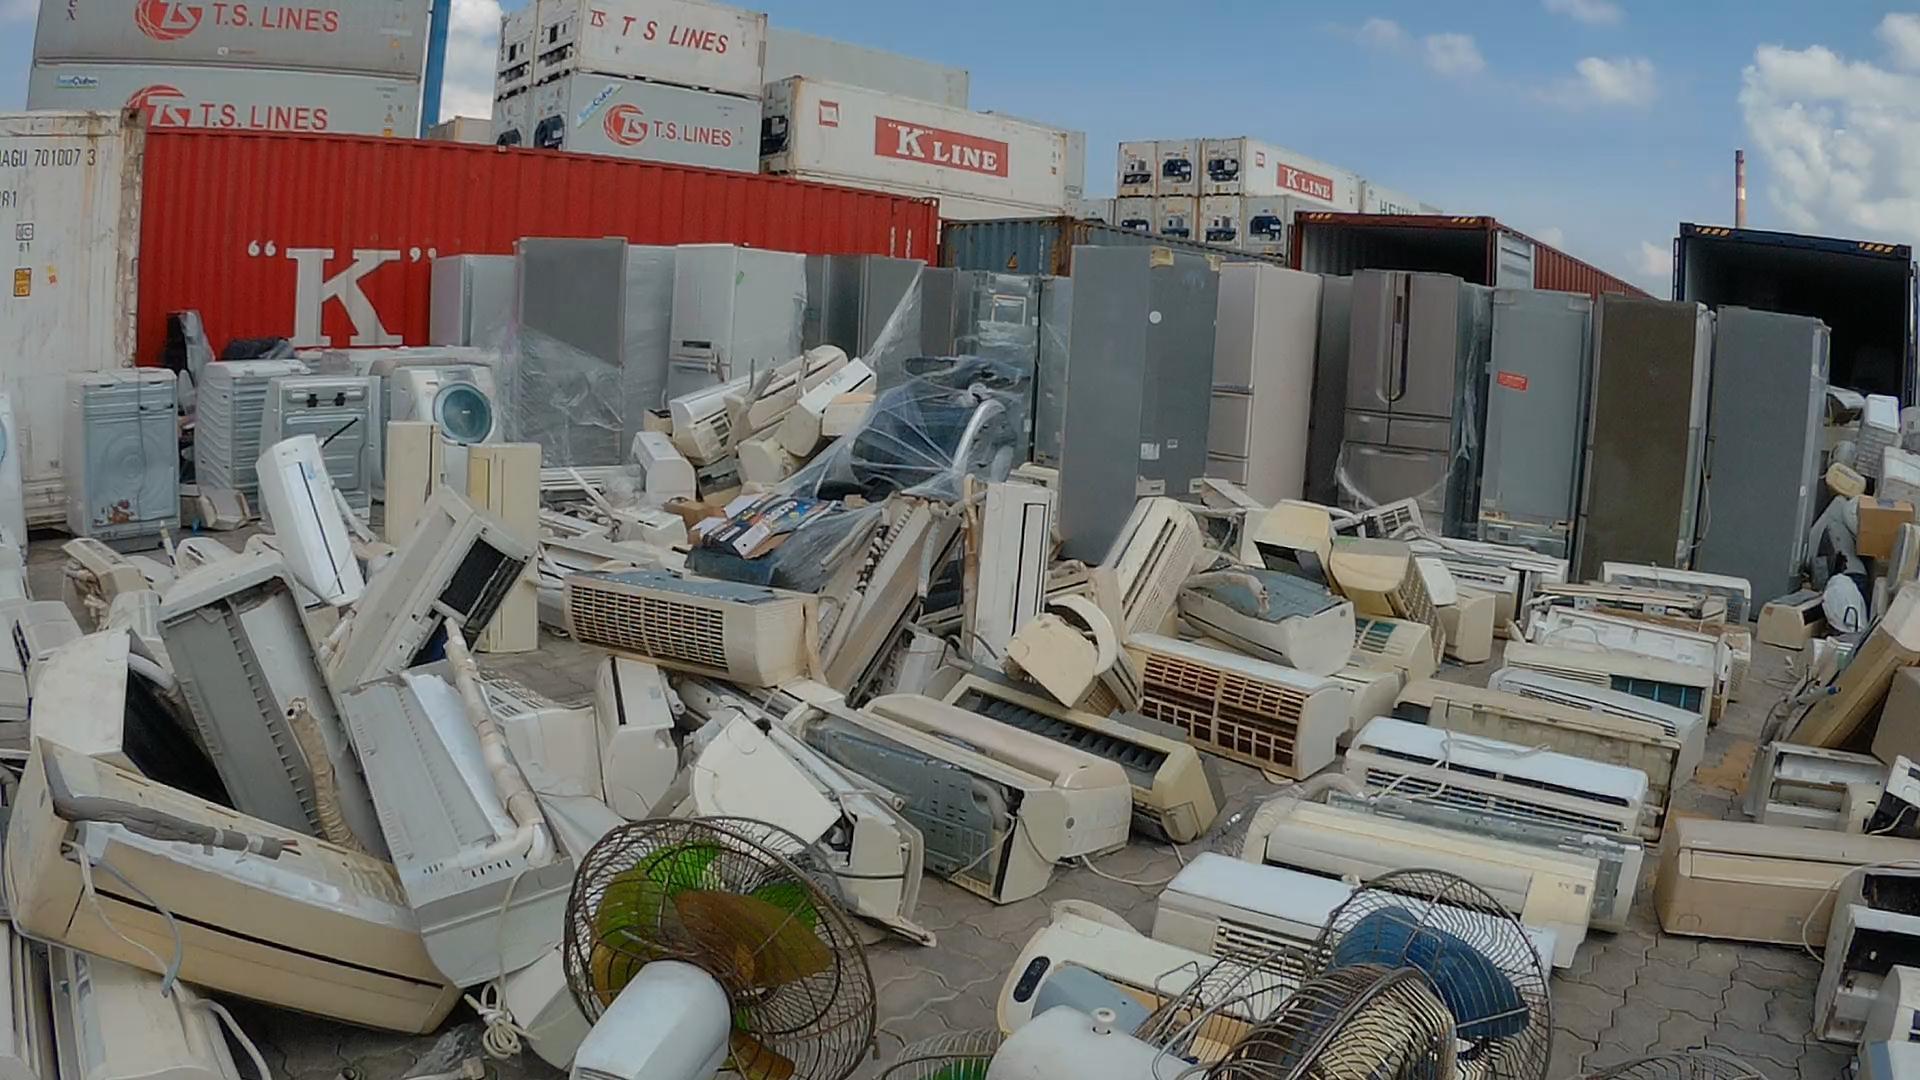 Bỏ 4 triệu mua nồi cơm điện Nhật cũ: Chồng cuồng hàng bãi, vợ phát hãi-2